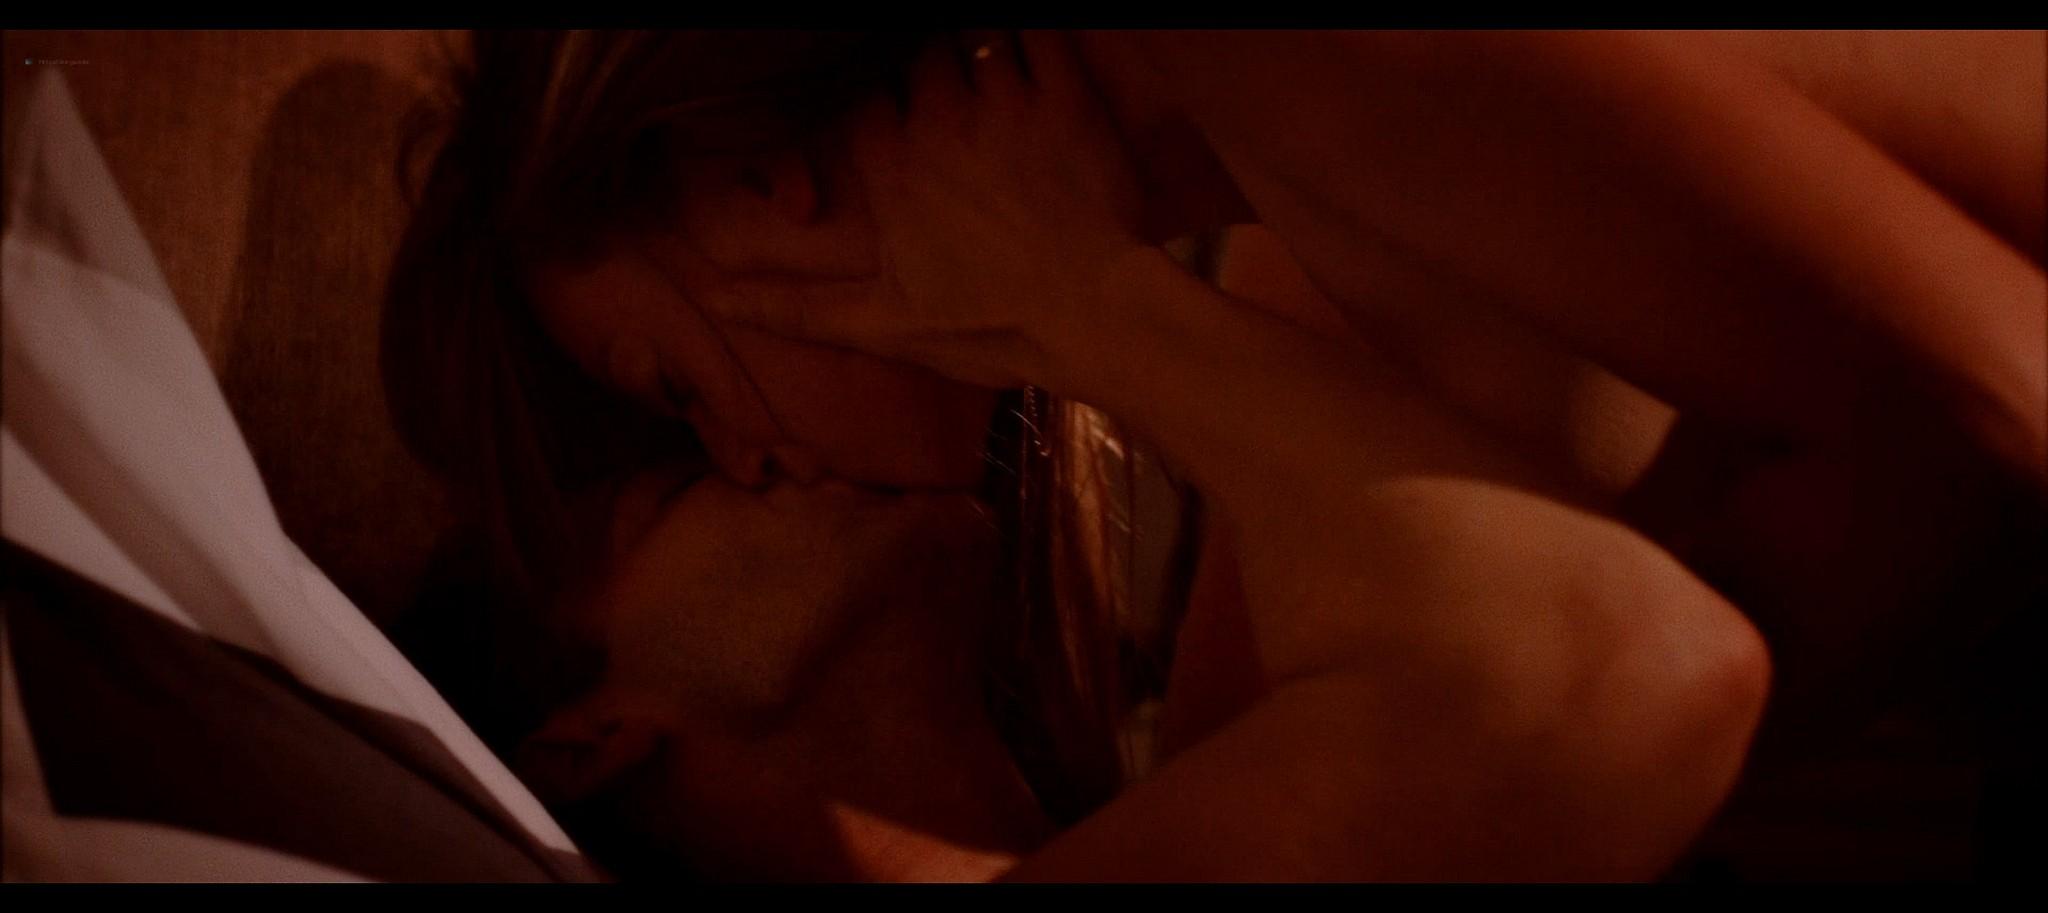 Lottie Amor nude sex Sarah Barlondo nude too Framed 2021 1080p Web 11